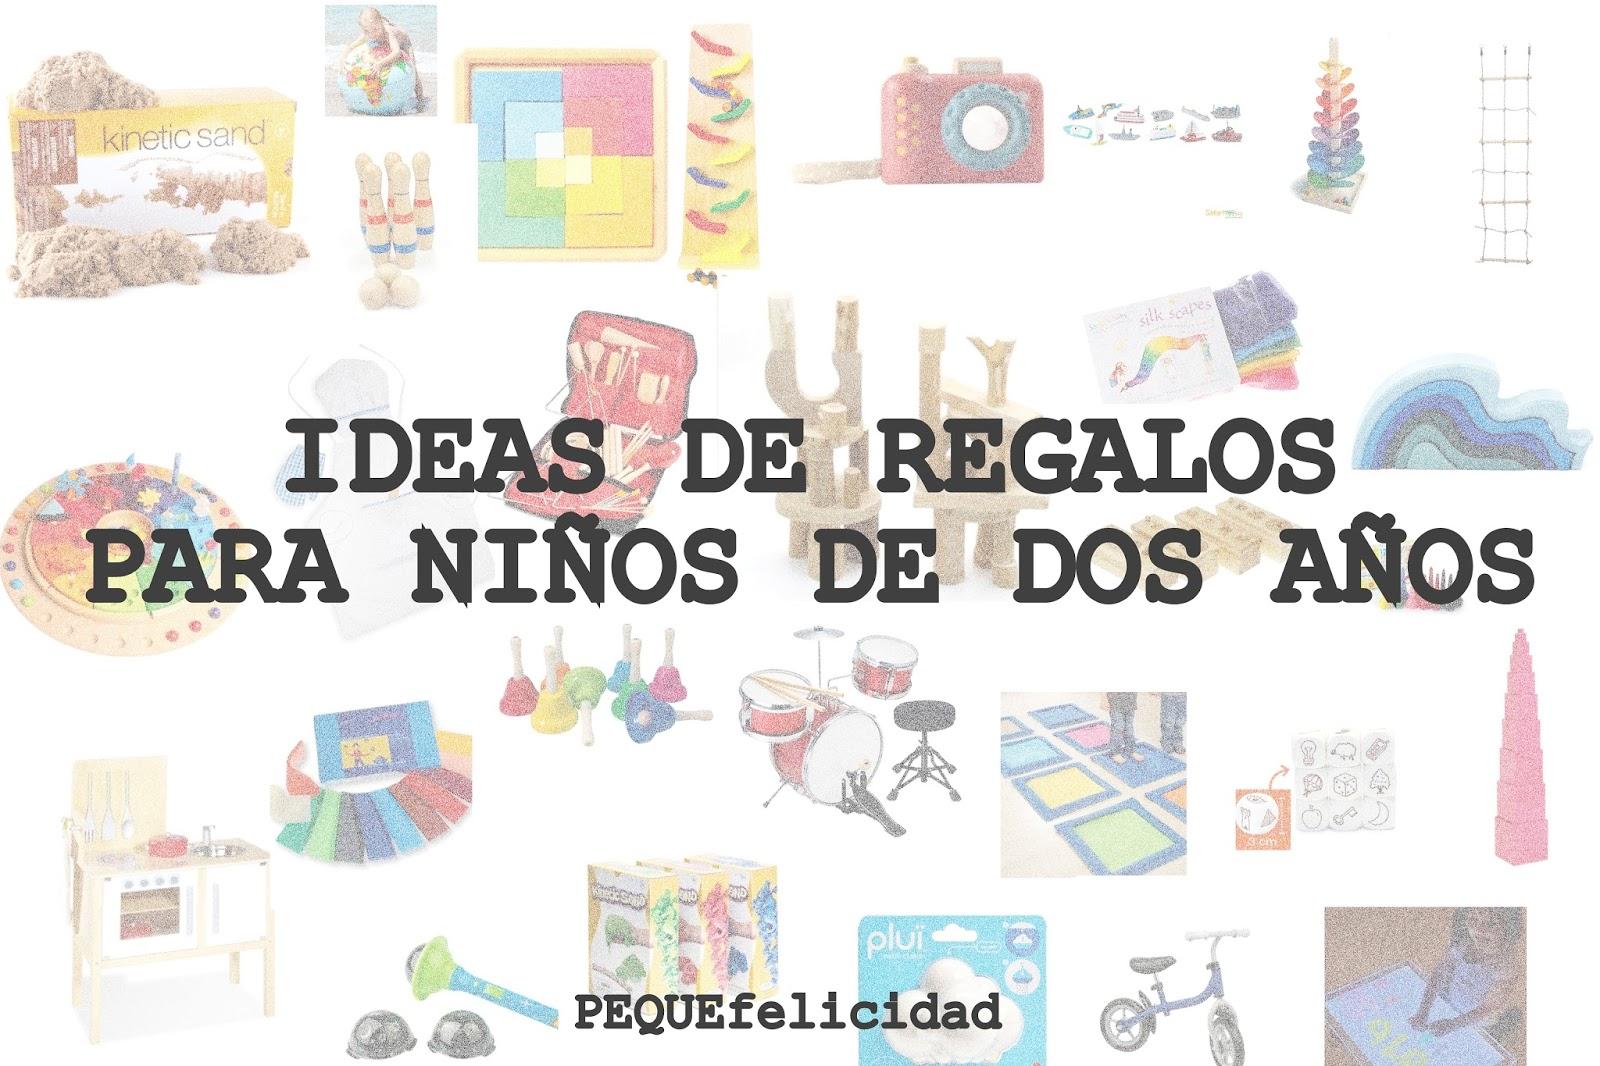 Pequefelicidad 40 Ideas De Regalos Para Ninos De Dos Anos